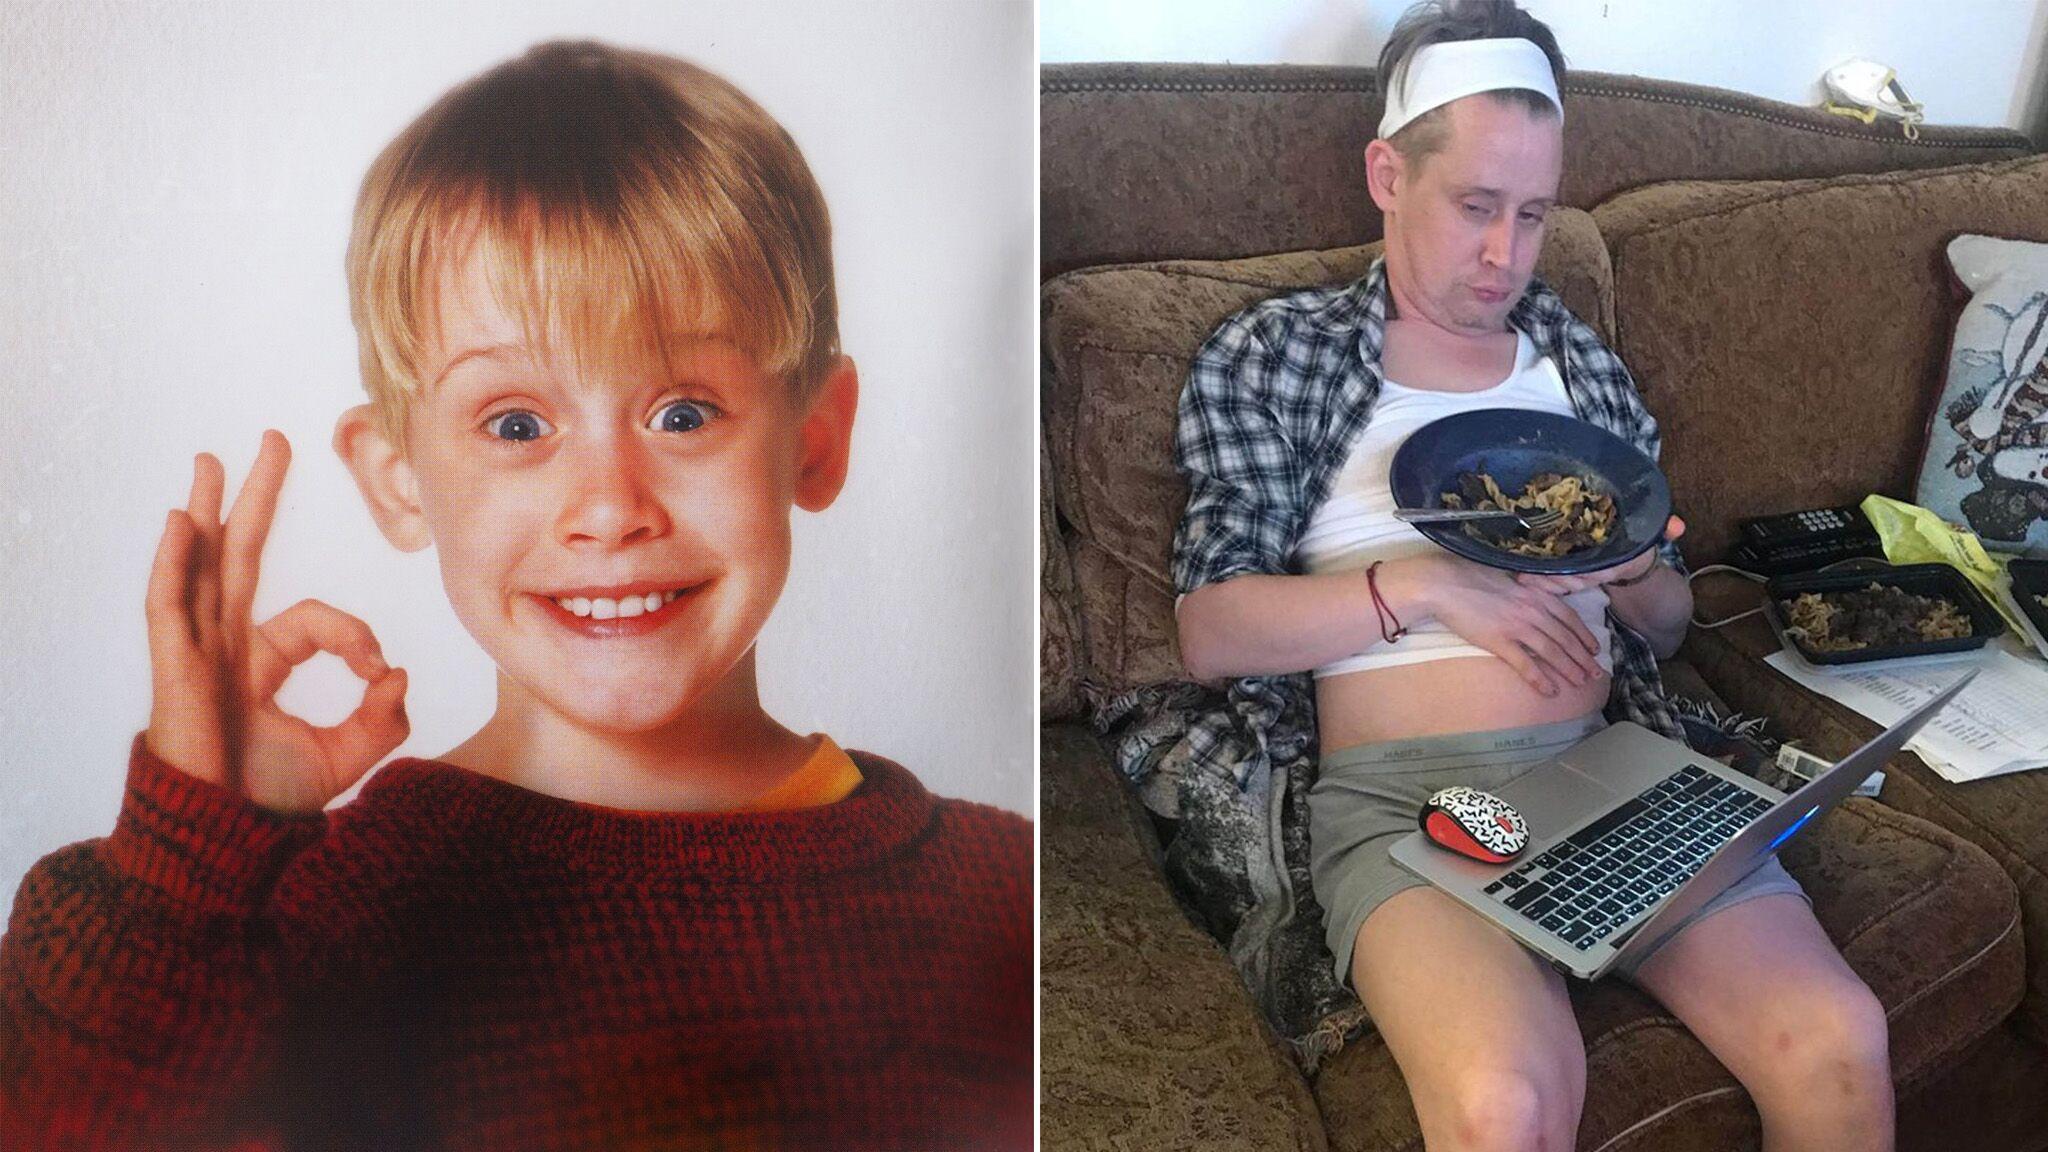 Maman j'ai raté l'avion : la descente aux enfers de Macaulay Culkin, l'enfant star d'Hollywood